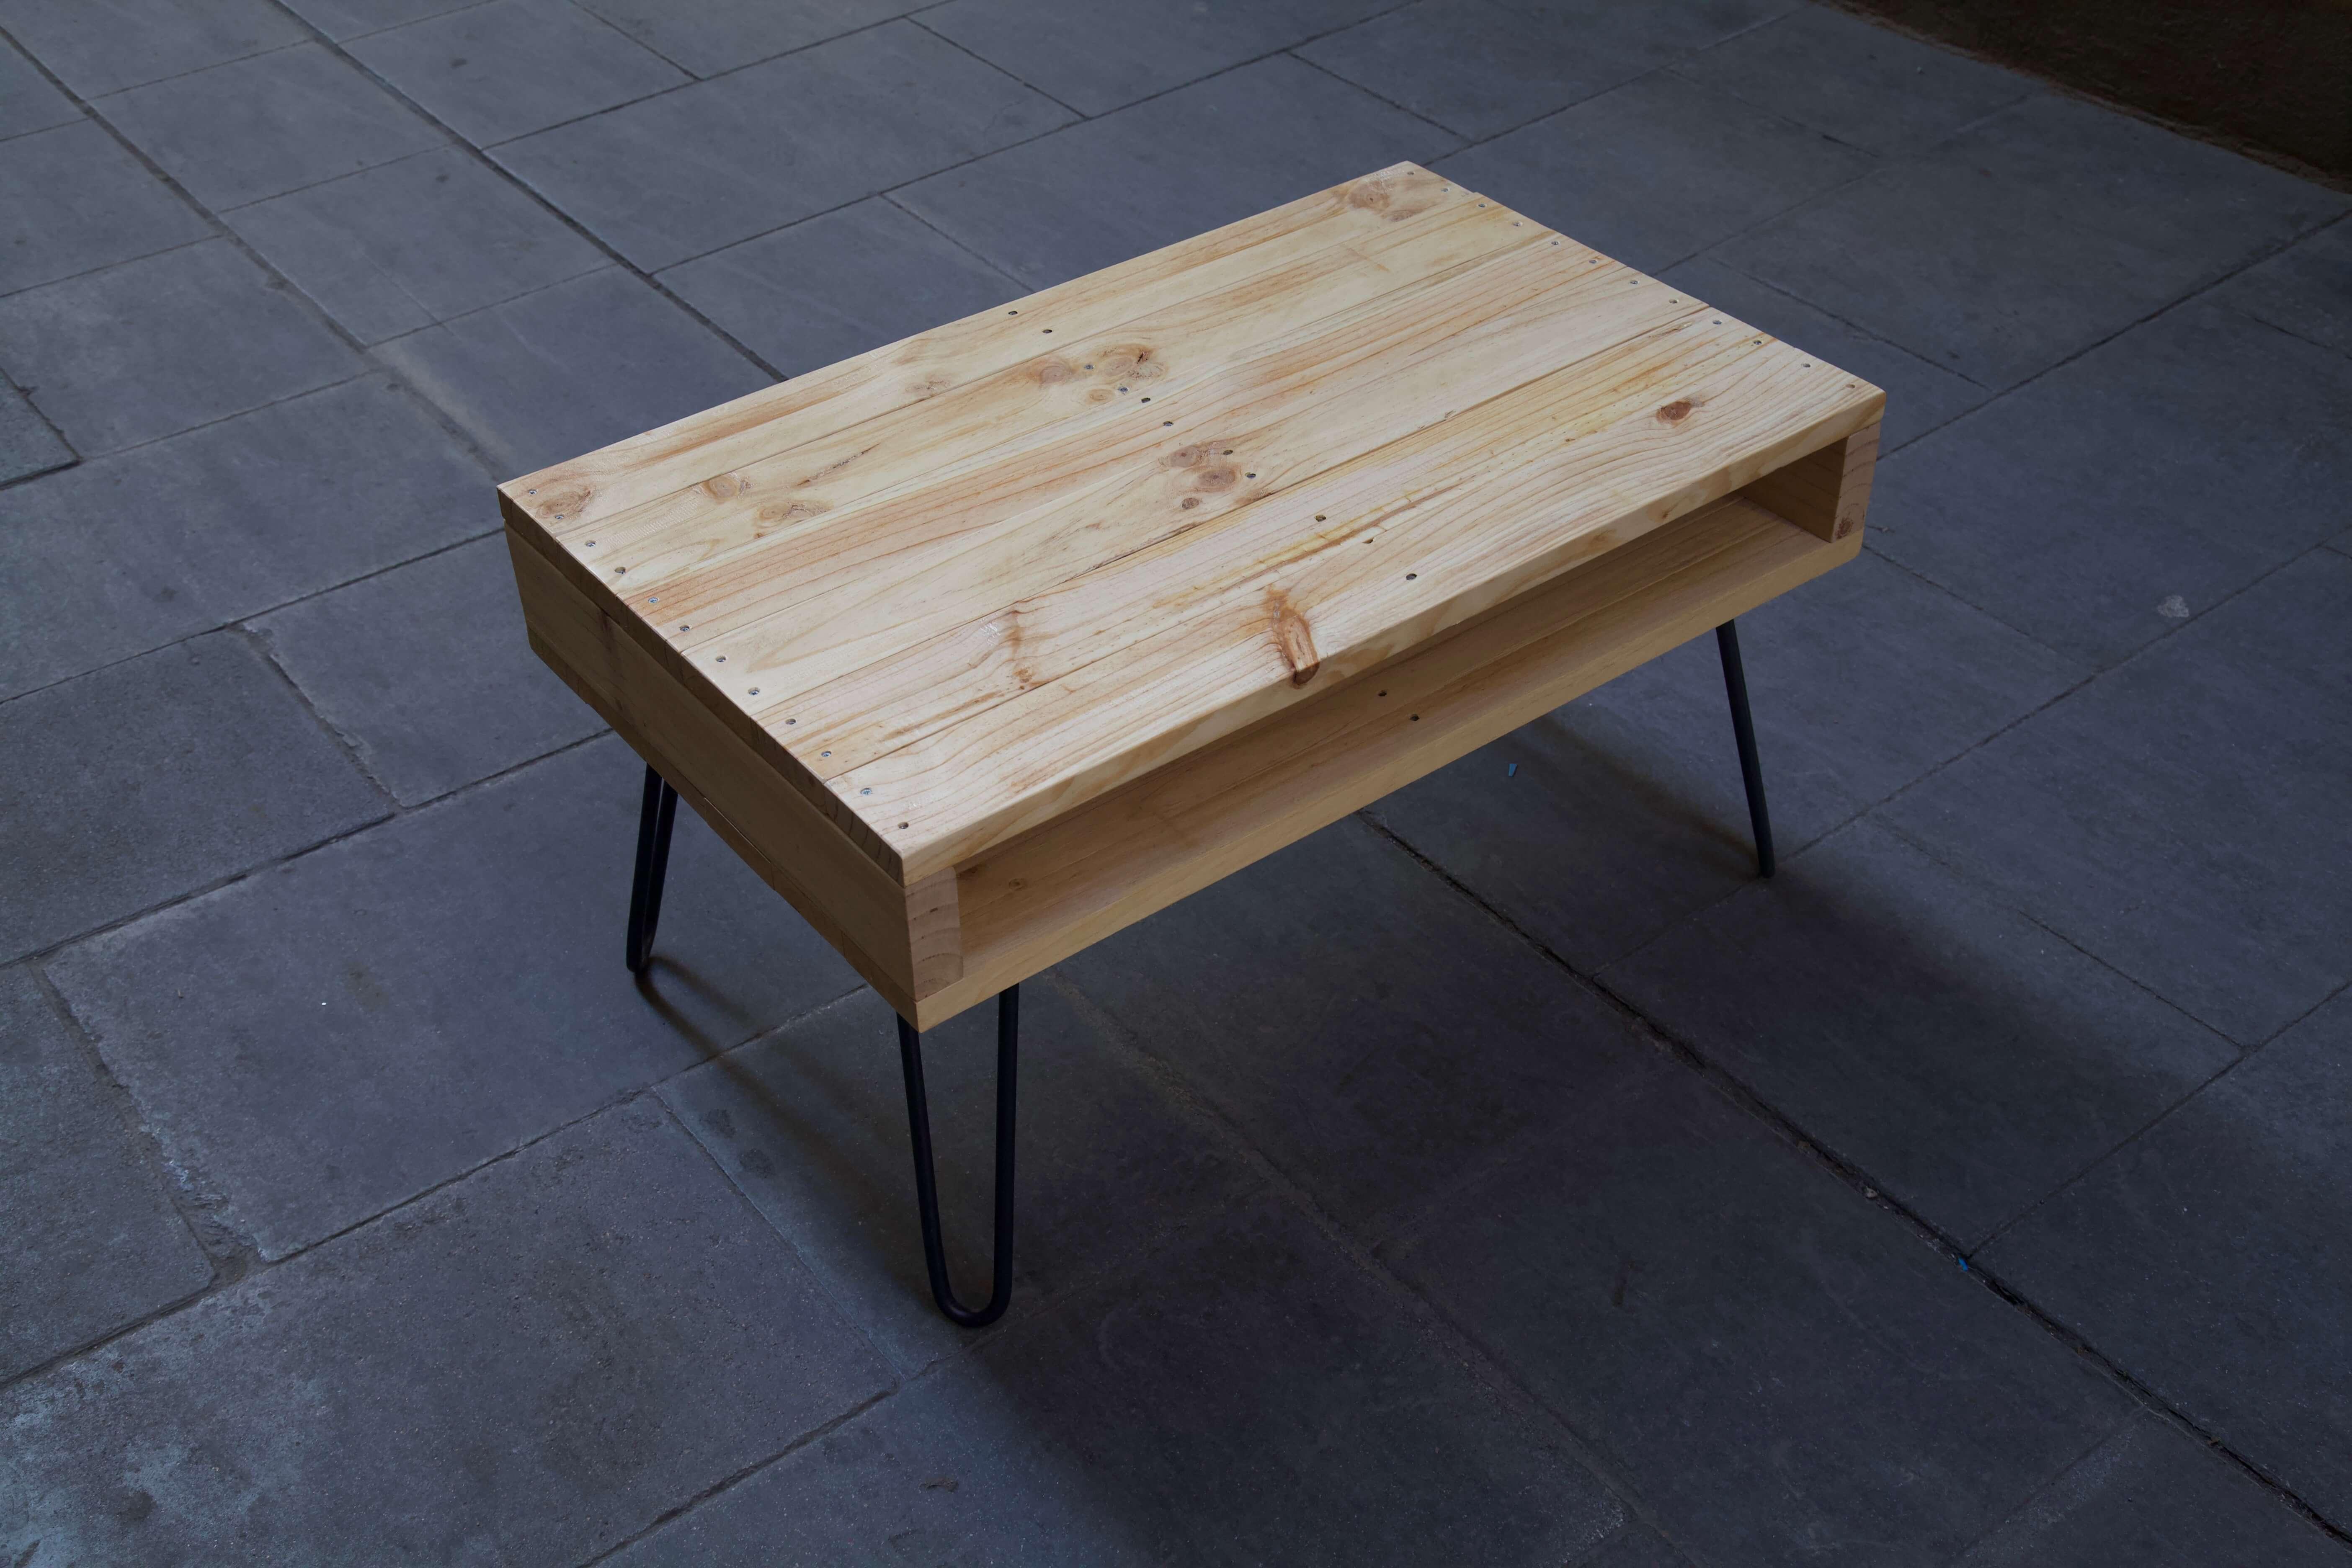 detalle superior izquierda de la mesa hecha con palets lexa